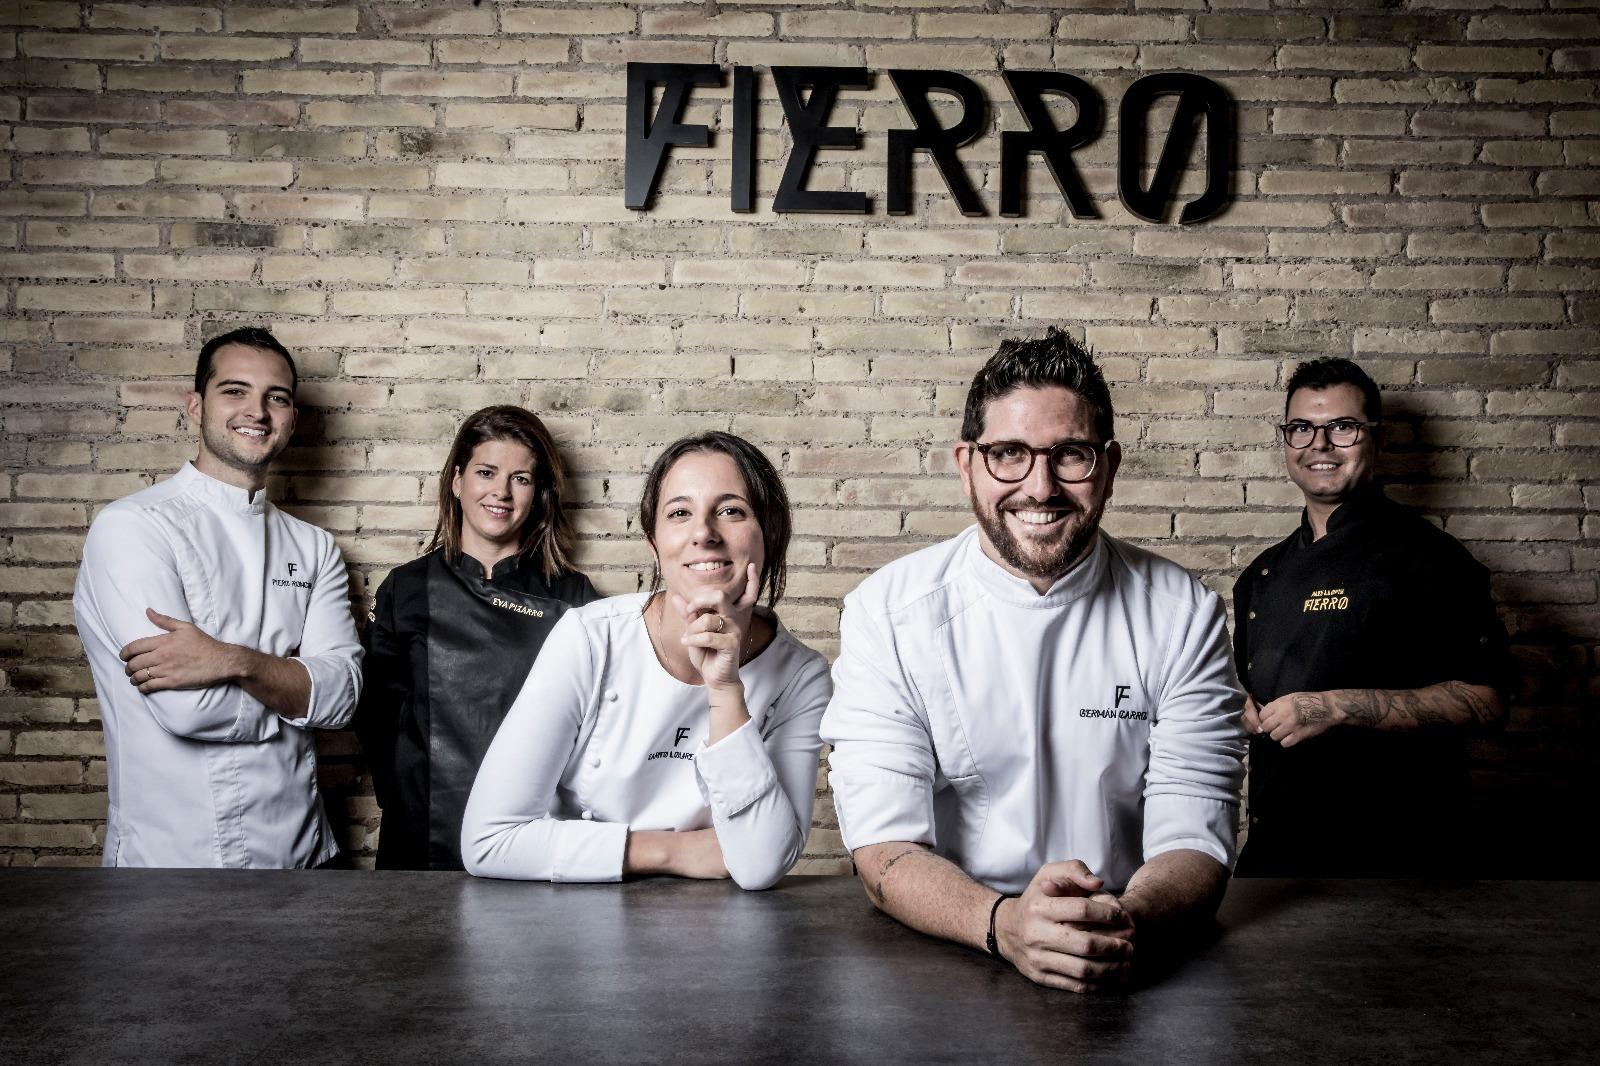 """El restaurante Fierro amplia sus servicios y horarios de apertura con su nuevo """"Menú Mercado"""""""